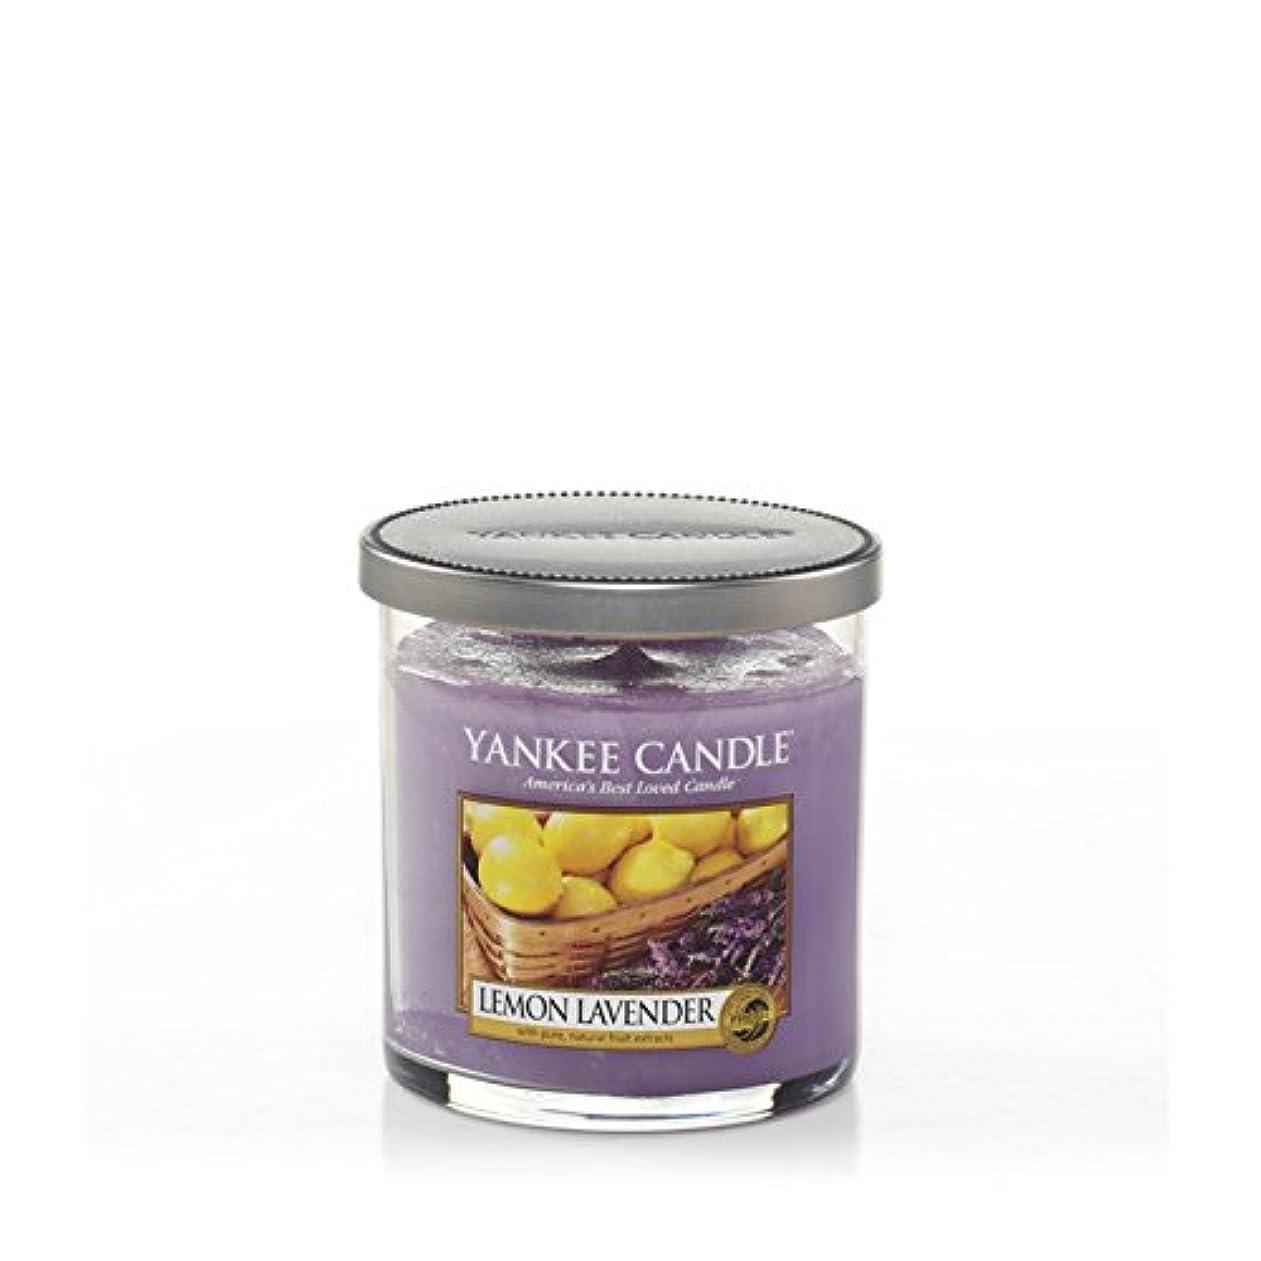 傷つきやすいスナップタフヤンキーキャンドルの小さな柱キャンドル - レモンラベンダー - Yankee Candles Small Pillar Candle - Lemon Lavender (Yankee Candles) [並行輸入品]